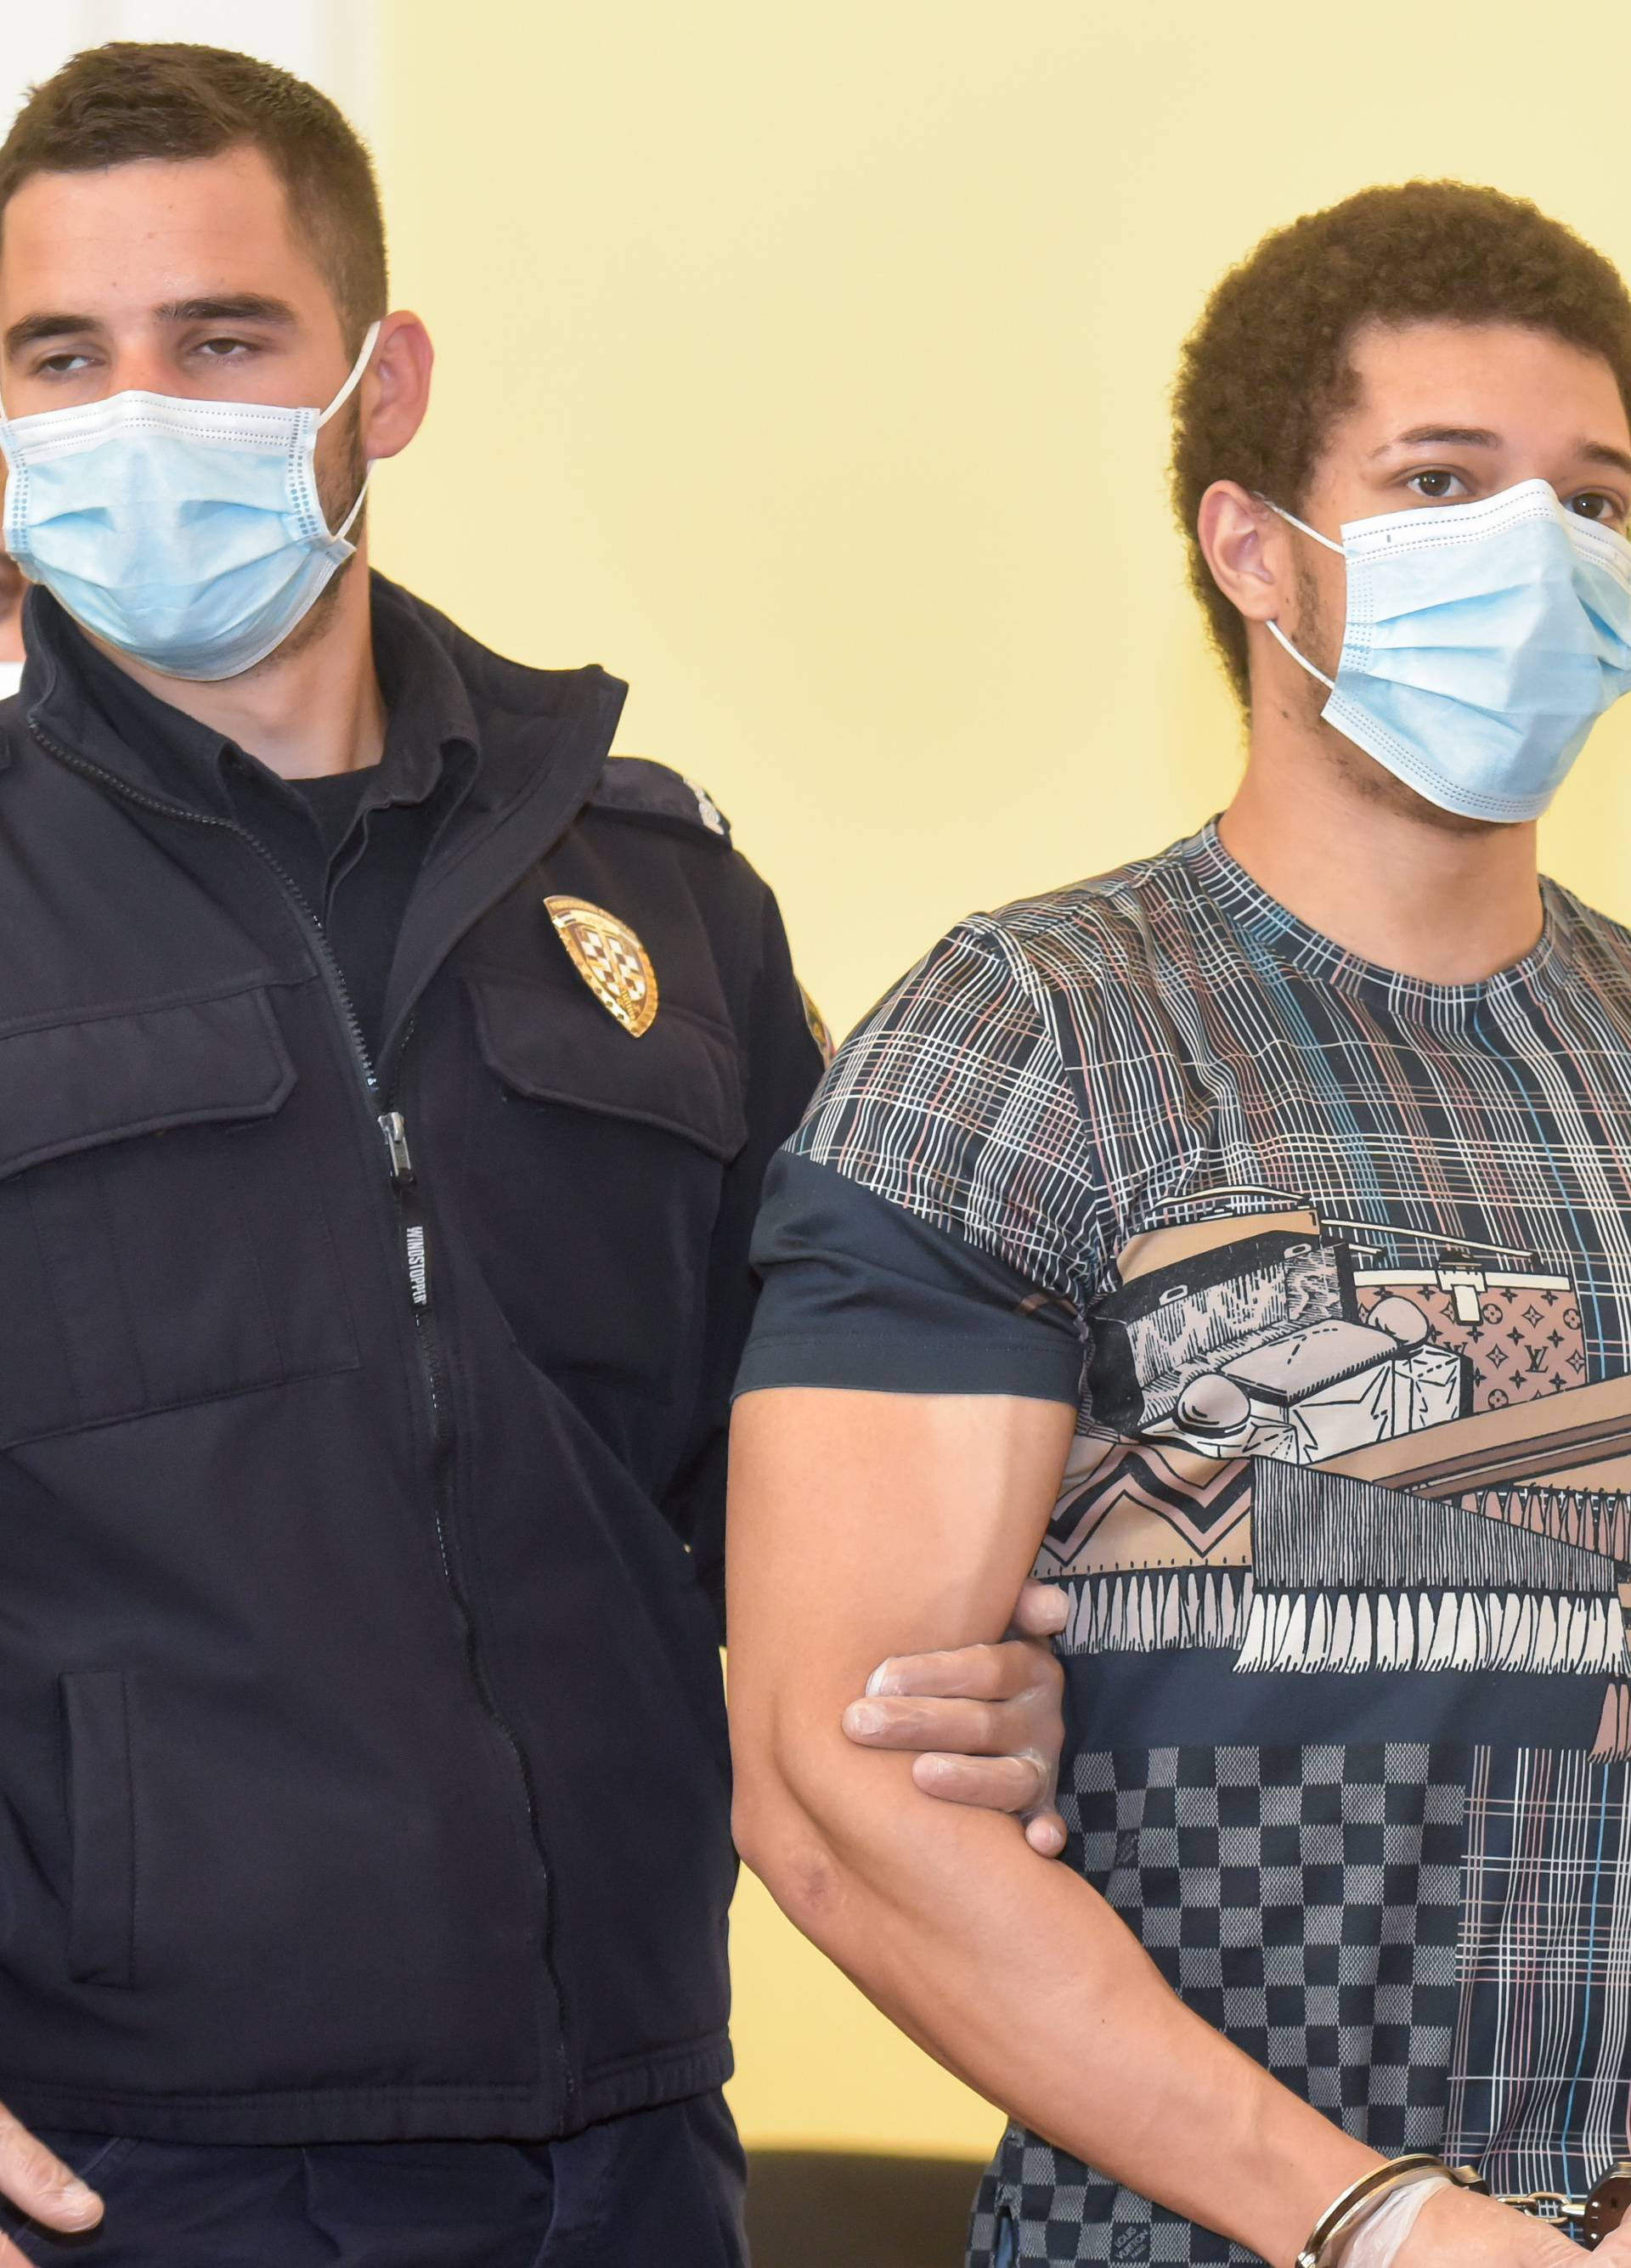 Na Zrću ubio mladića: Britanac dobio 25 godina kazne zatvora